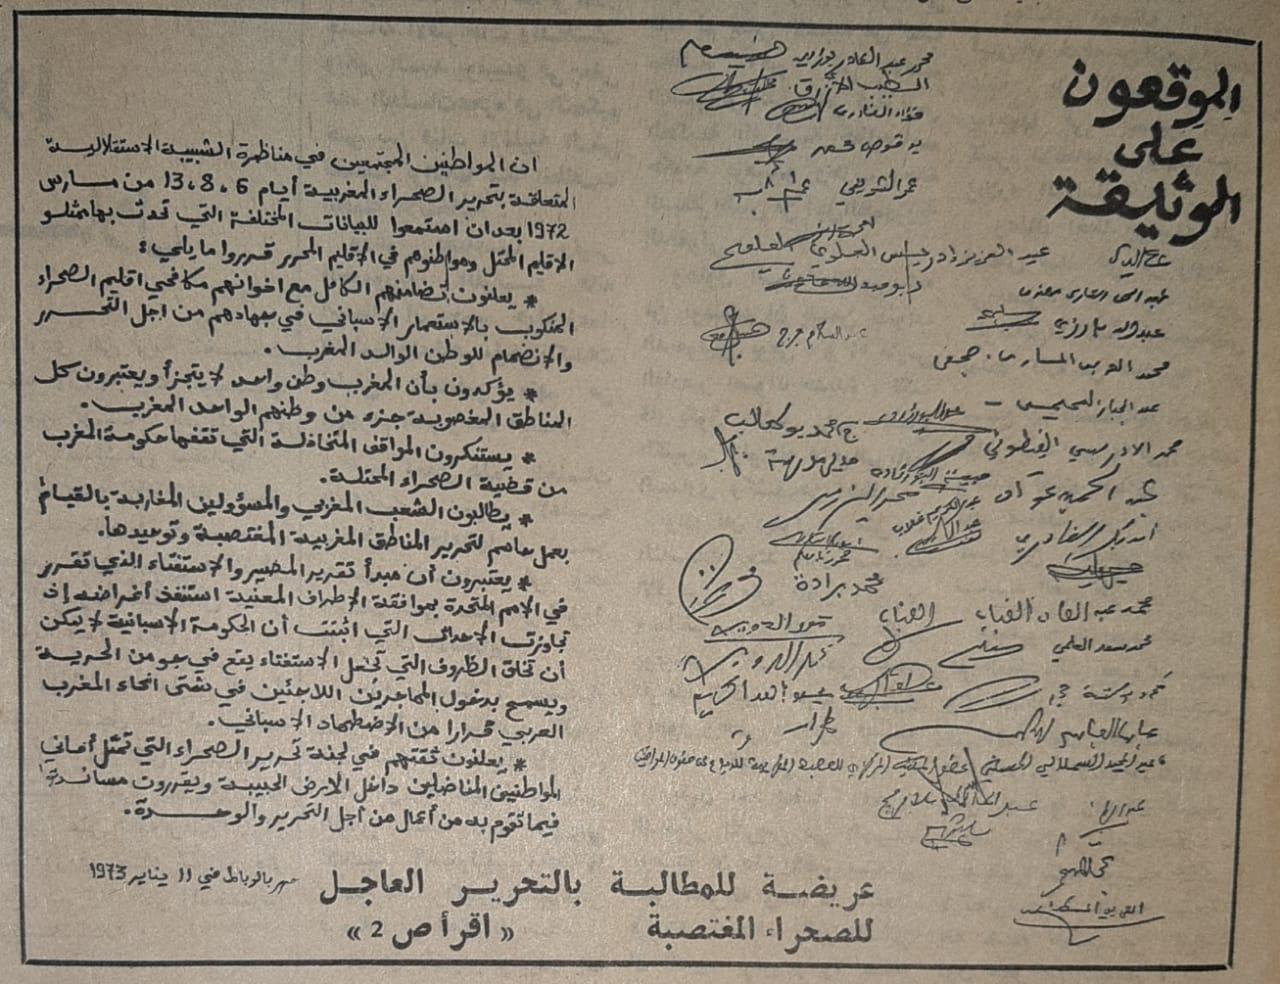 الشباب الصحراوي الوحدوي أعلن مطالبه بالوحدة قبل إنشاء البوليساريو